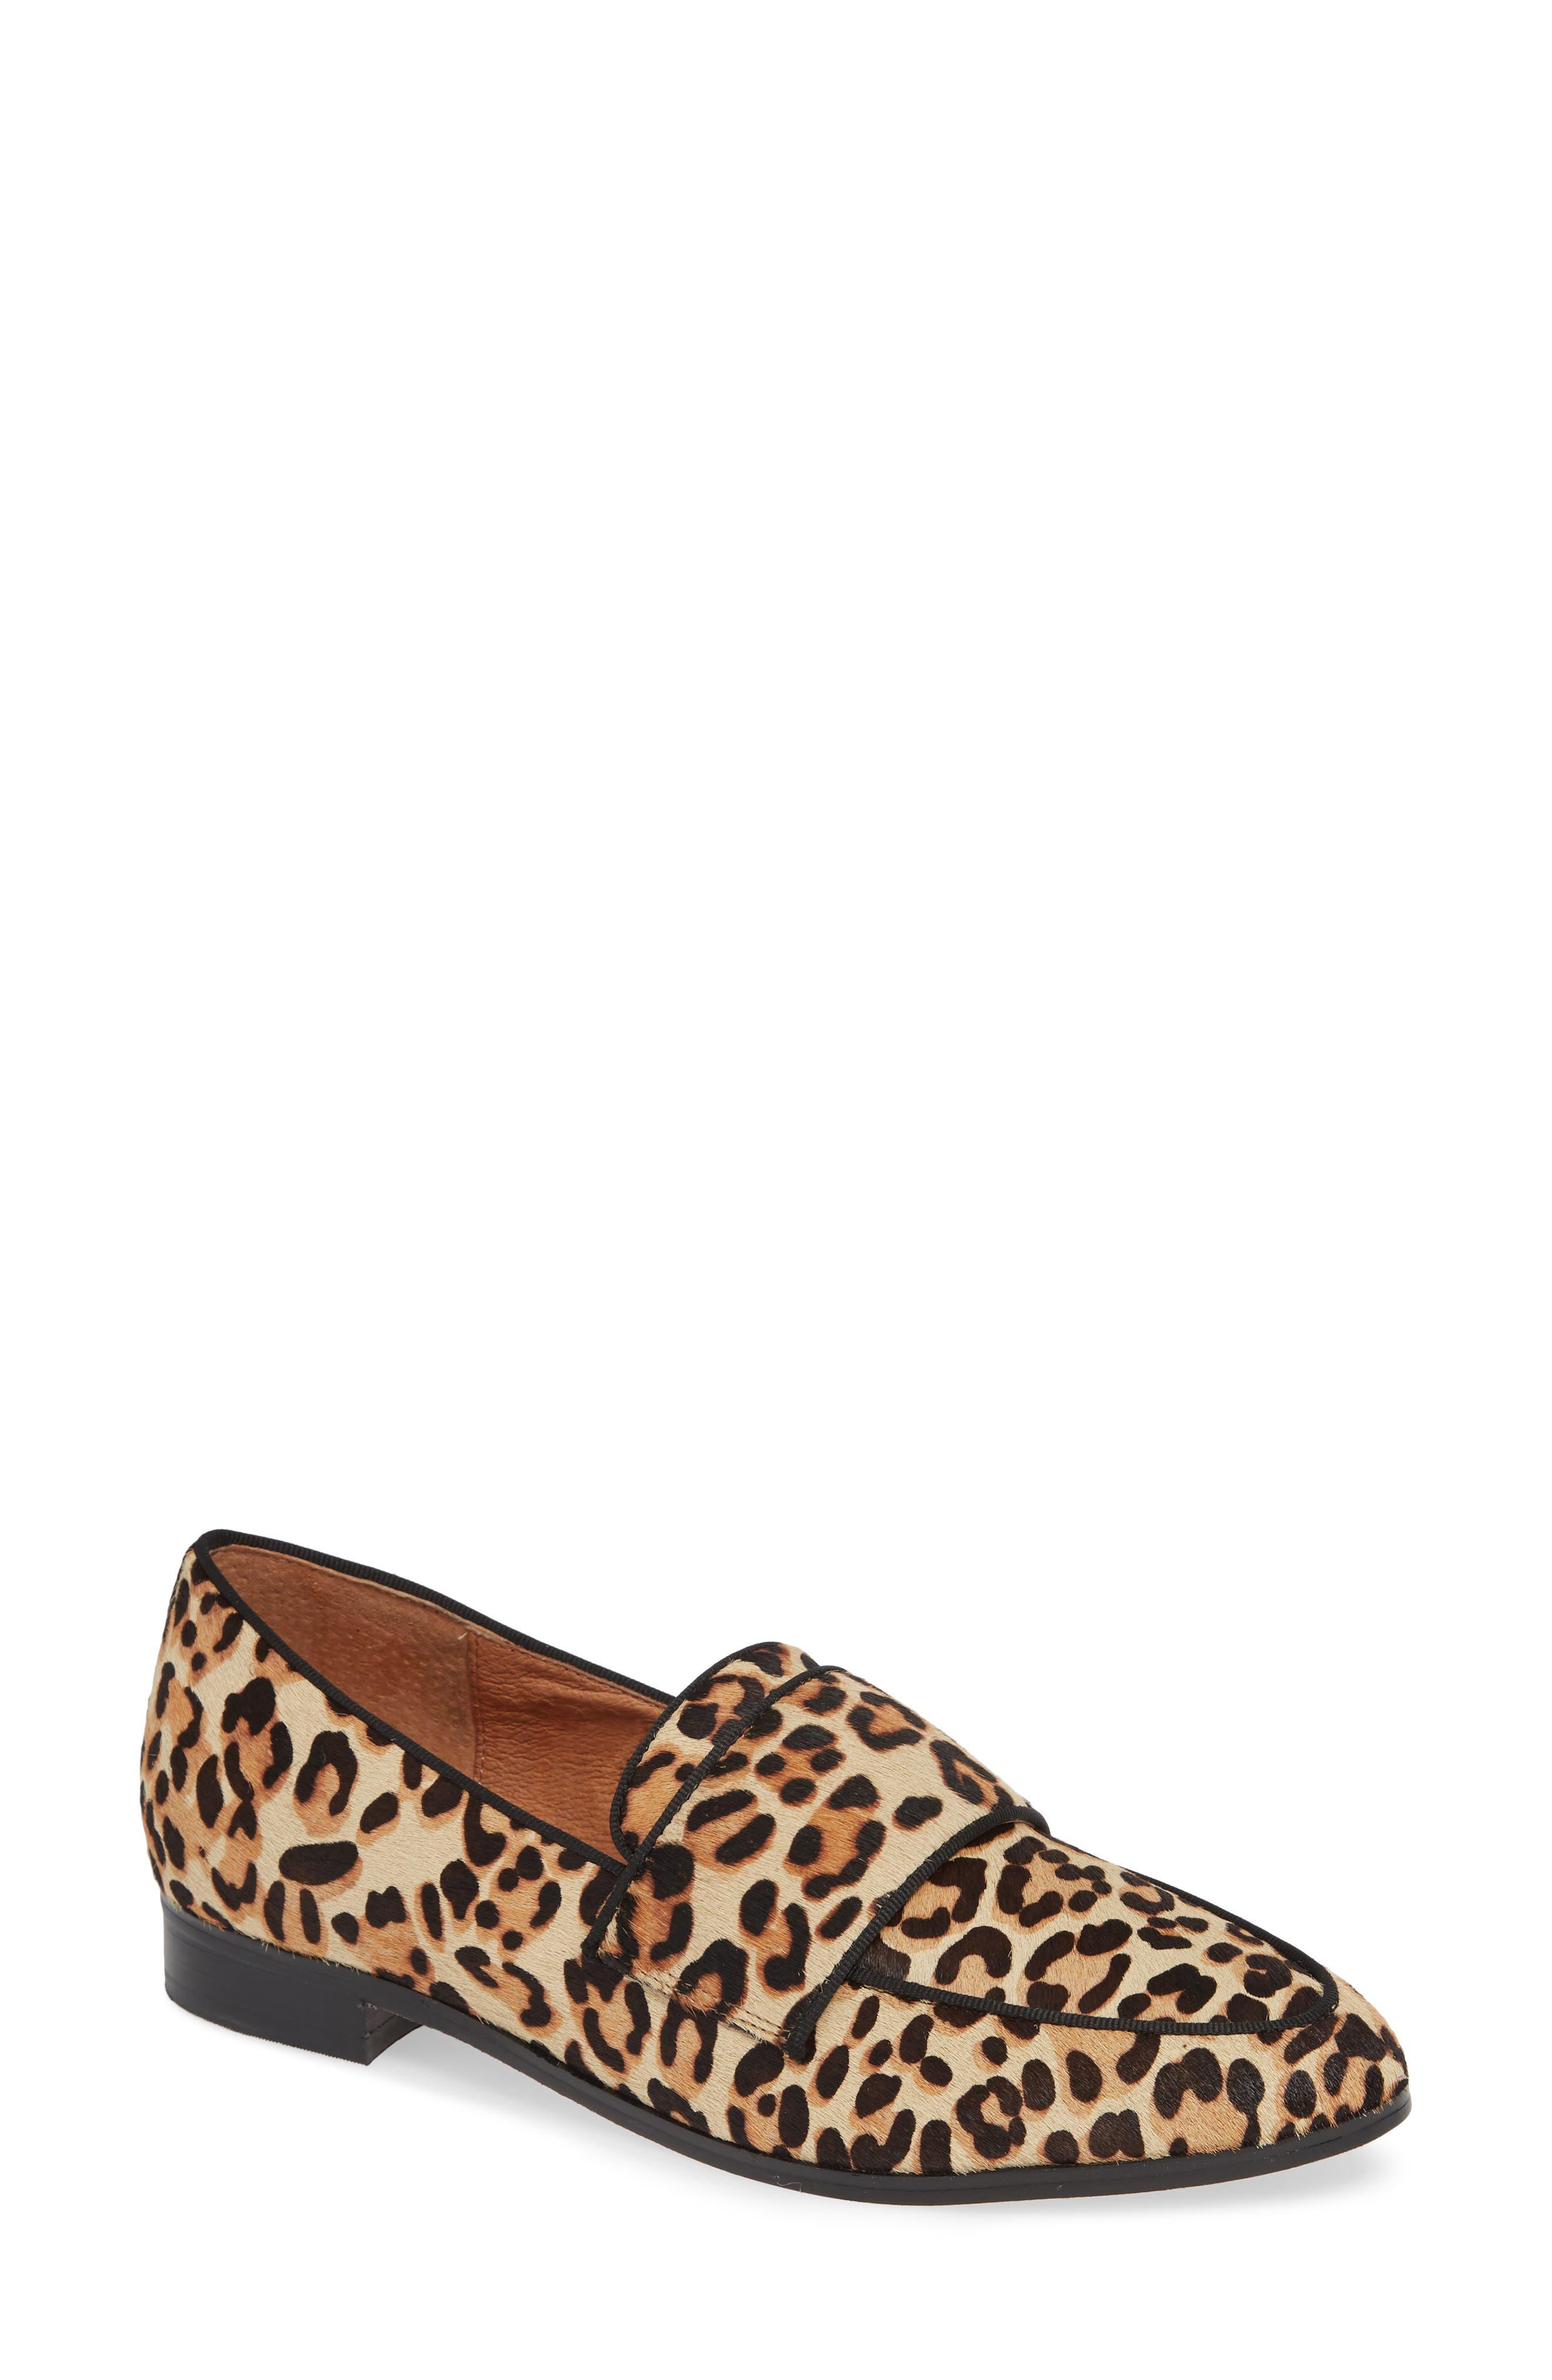 Emilia Genuine Calf Hair Loafer,                             Main thumbnail 1, color,                             LEOPARD CALF HAIR